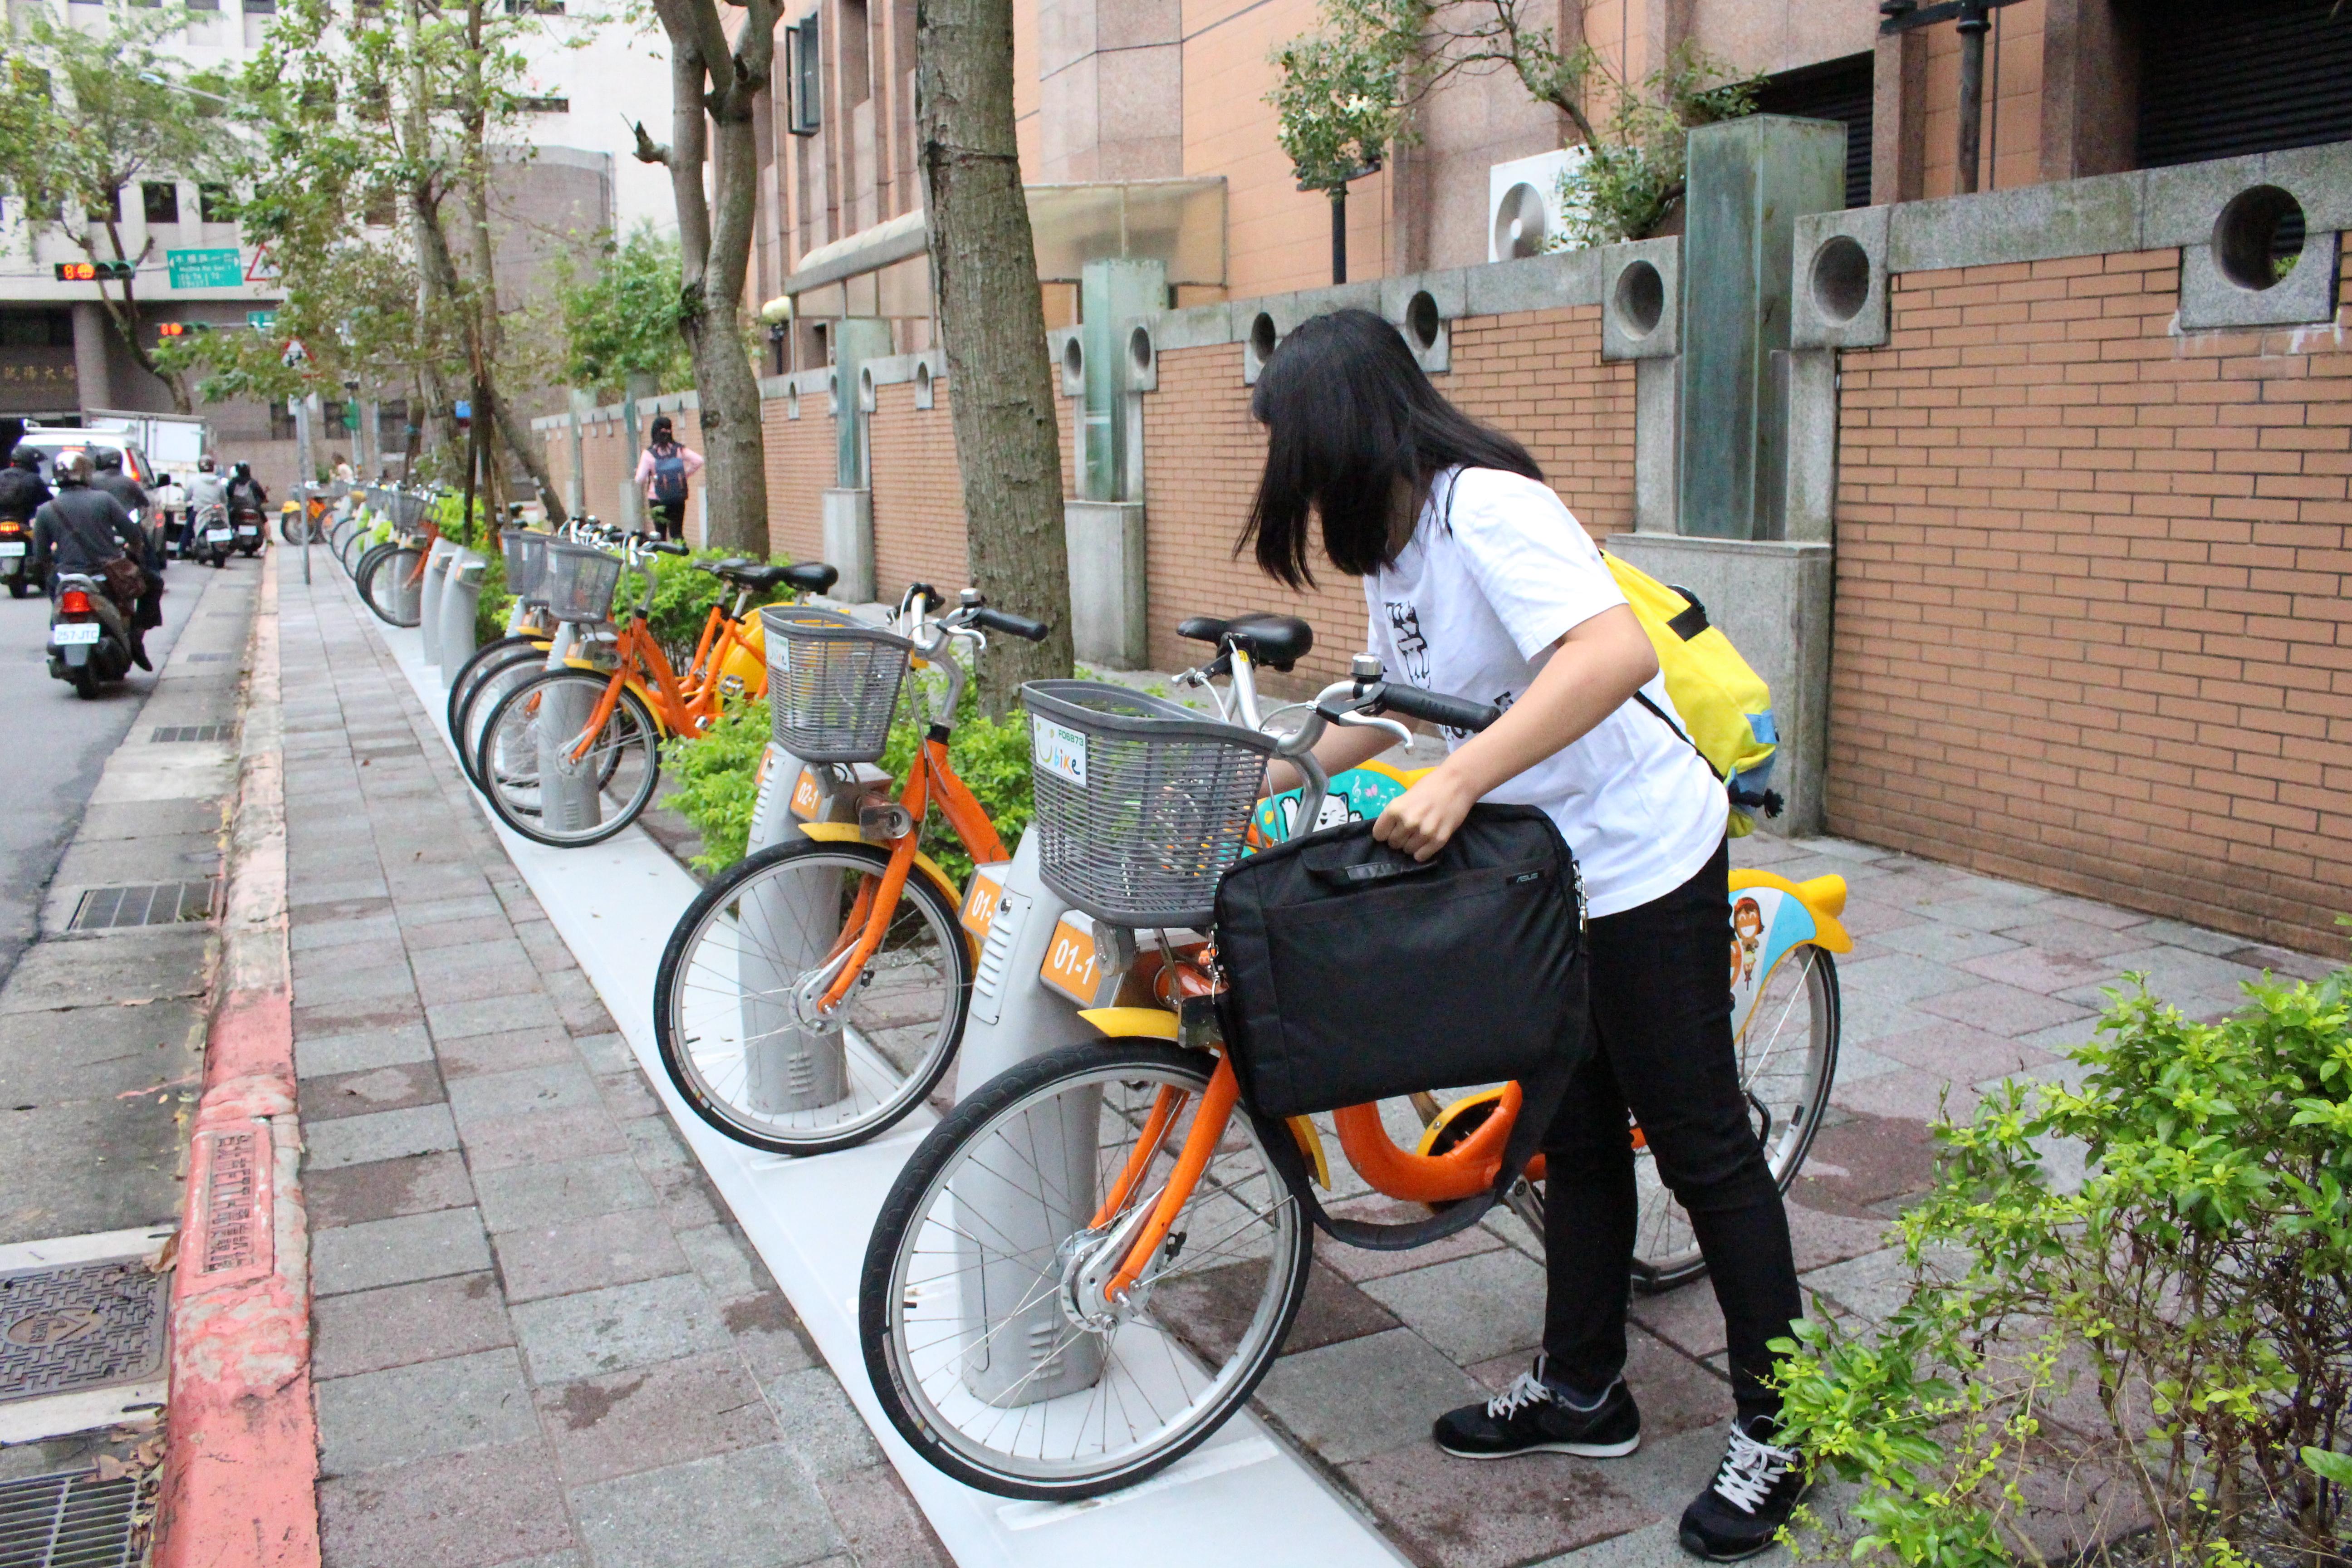 Ubike於雙北市盛行,其安全規範卻尚未跟進。